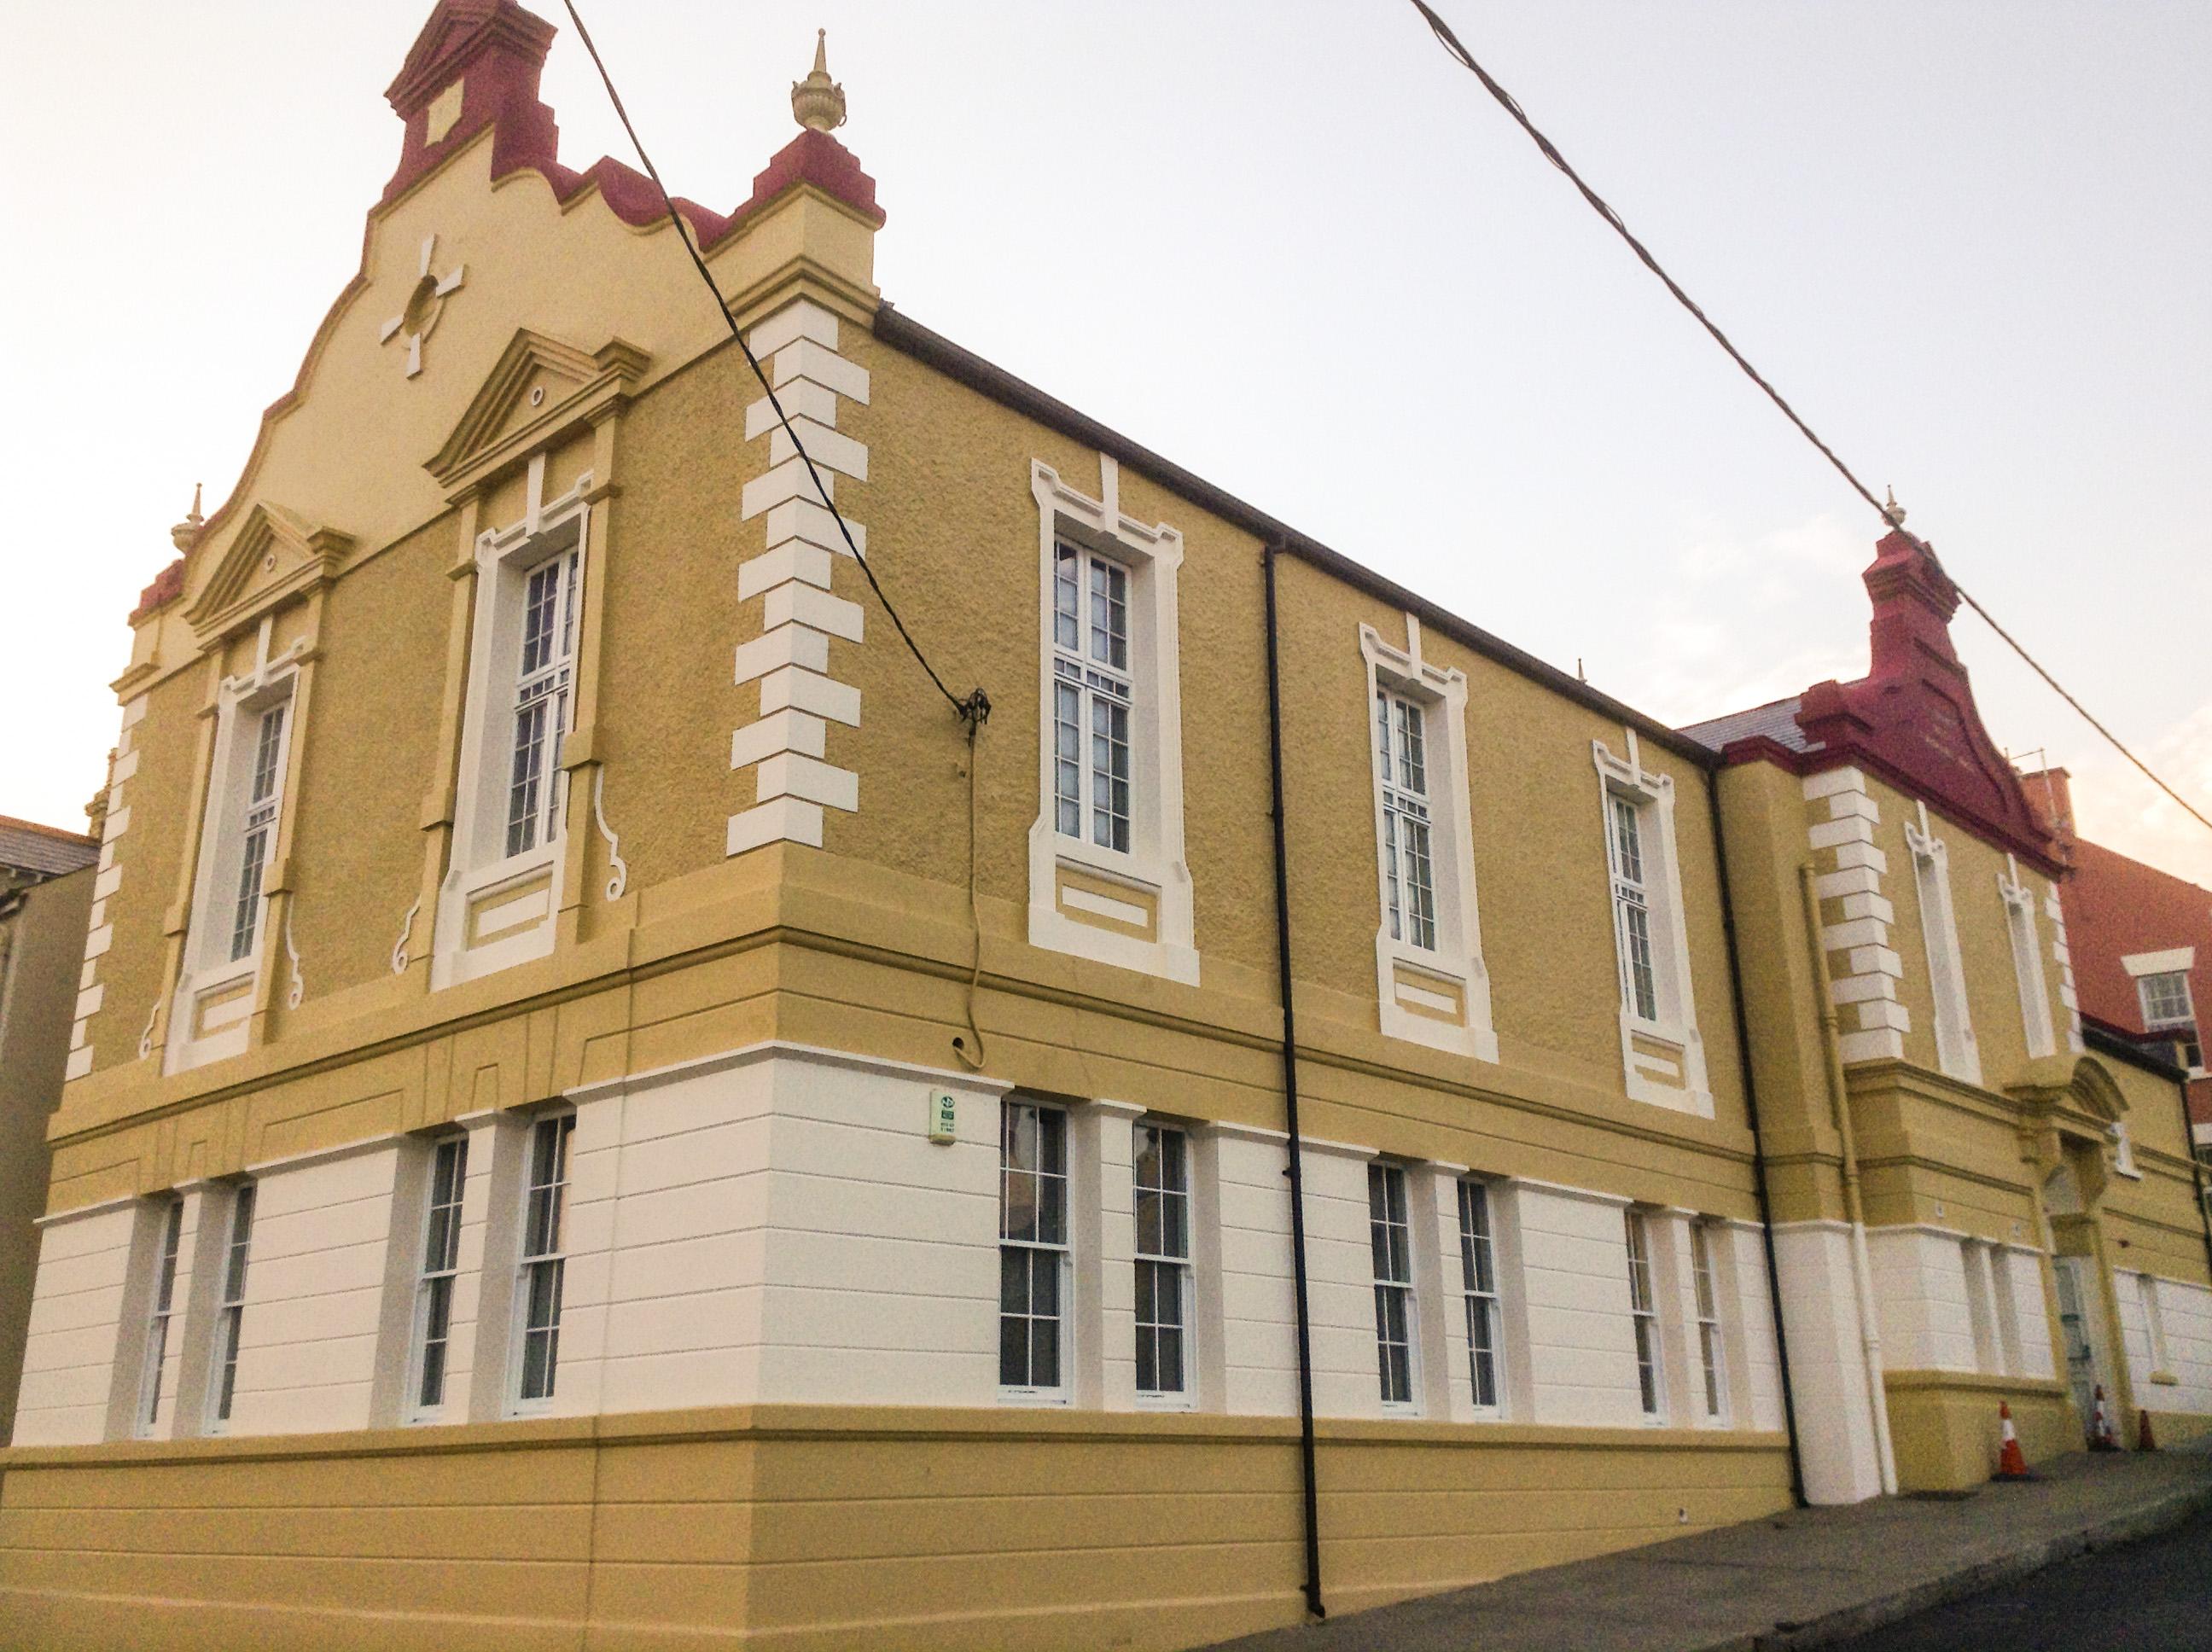 St Eugene's Hall